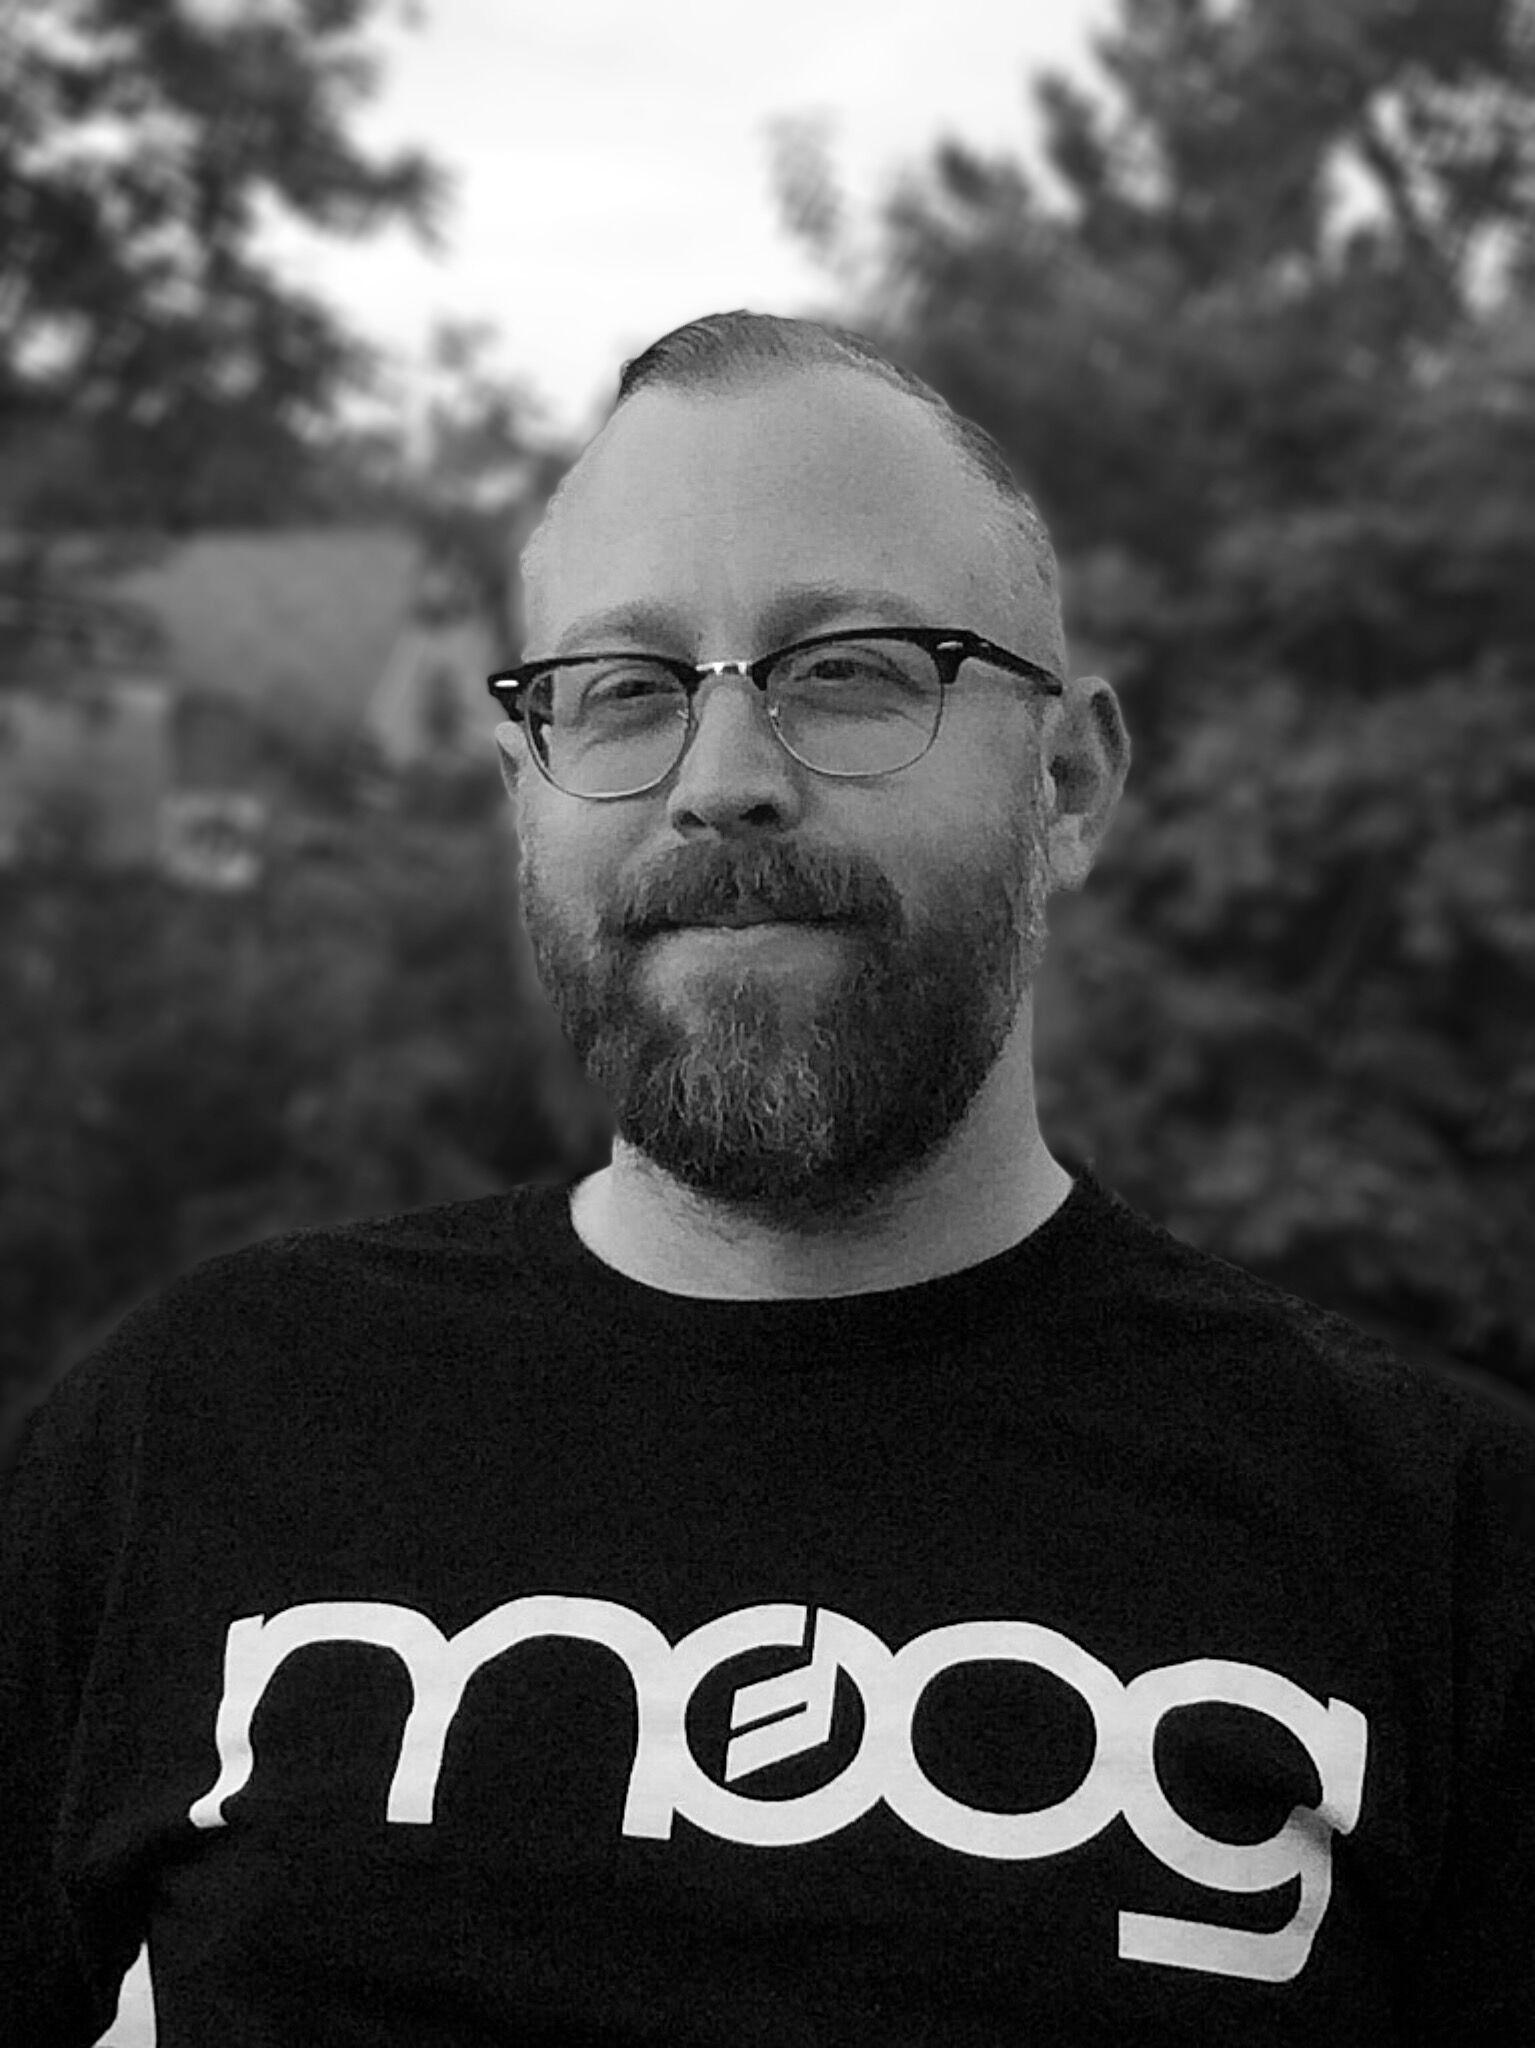 Sound Designer Michael laird